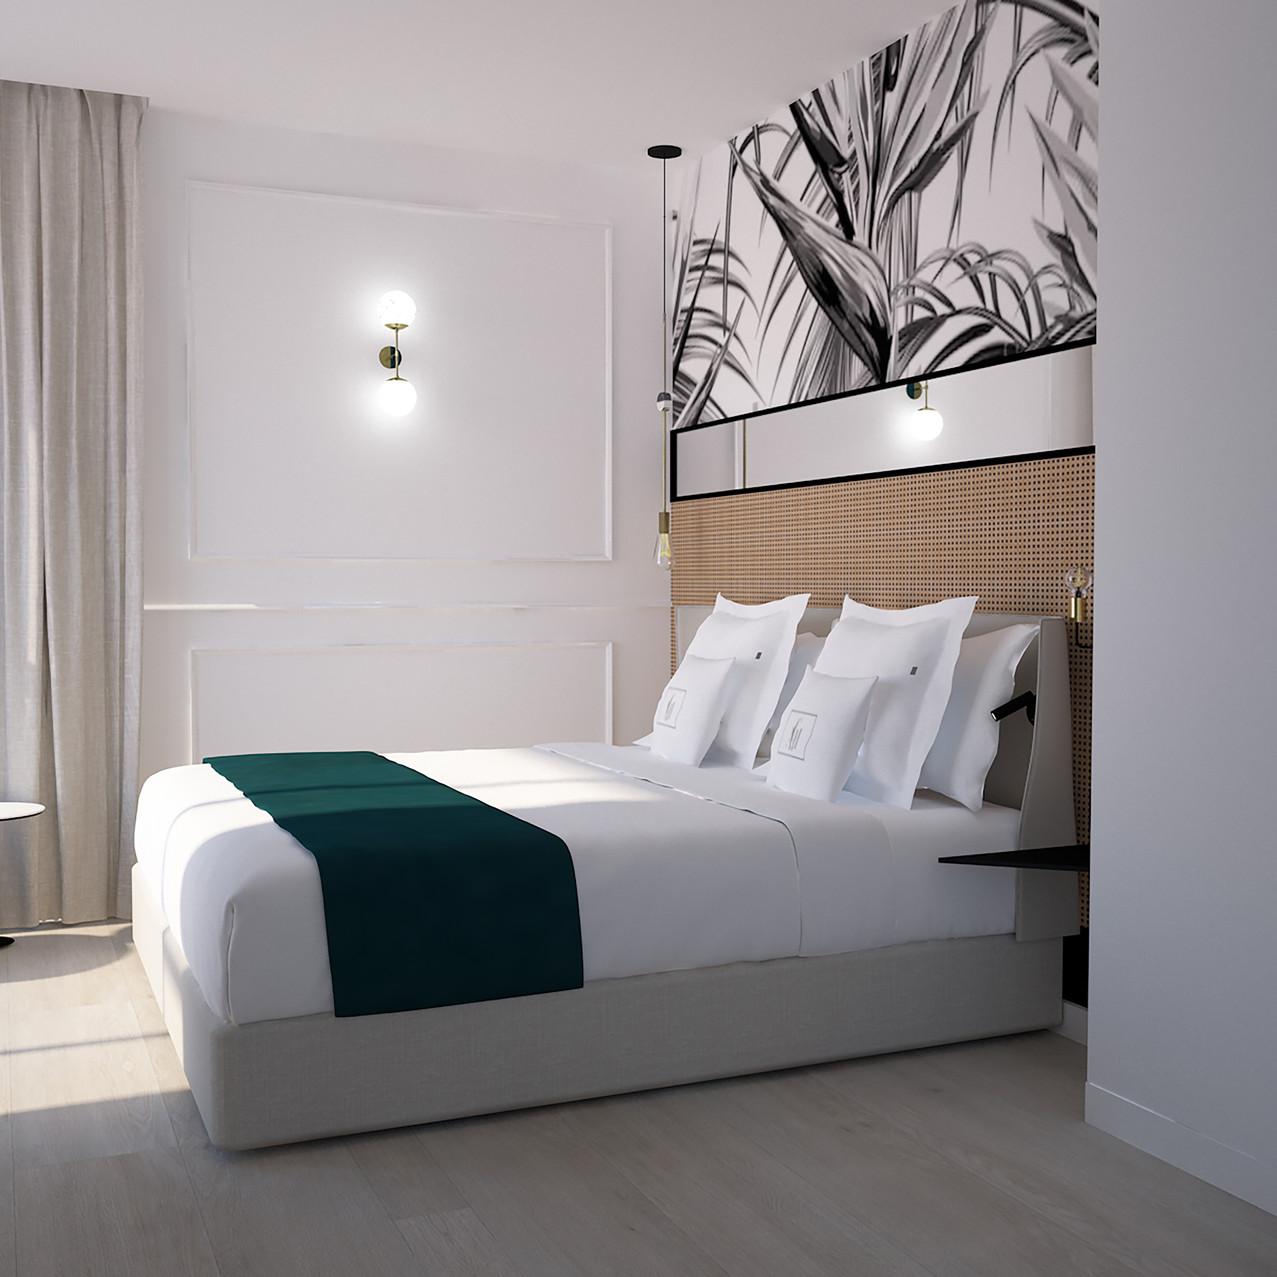 GRAN HOTEL DORMITORIO-ar.jpg